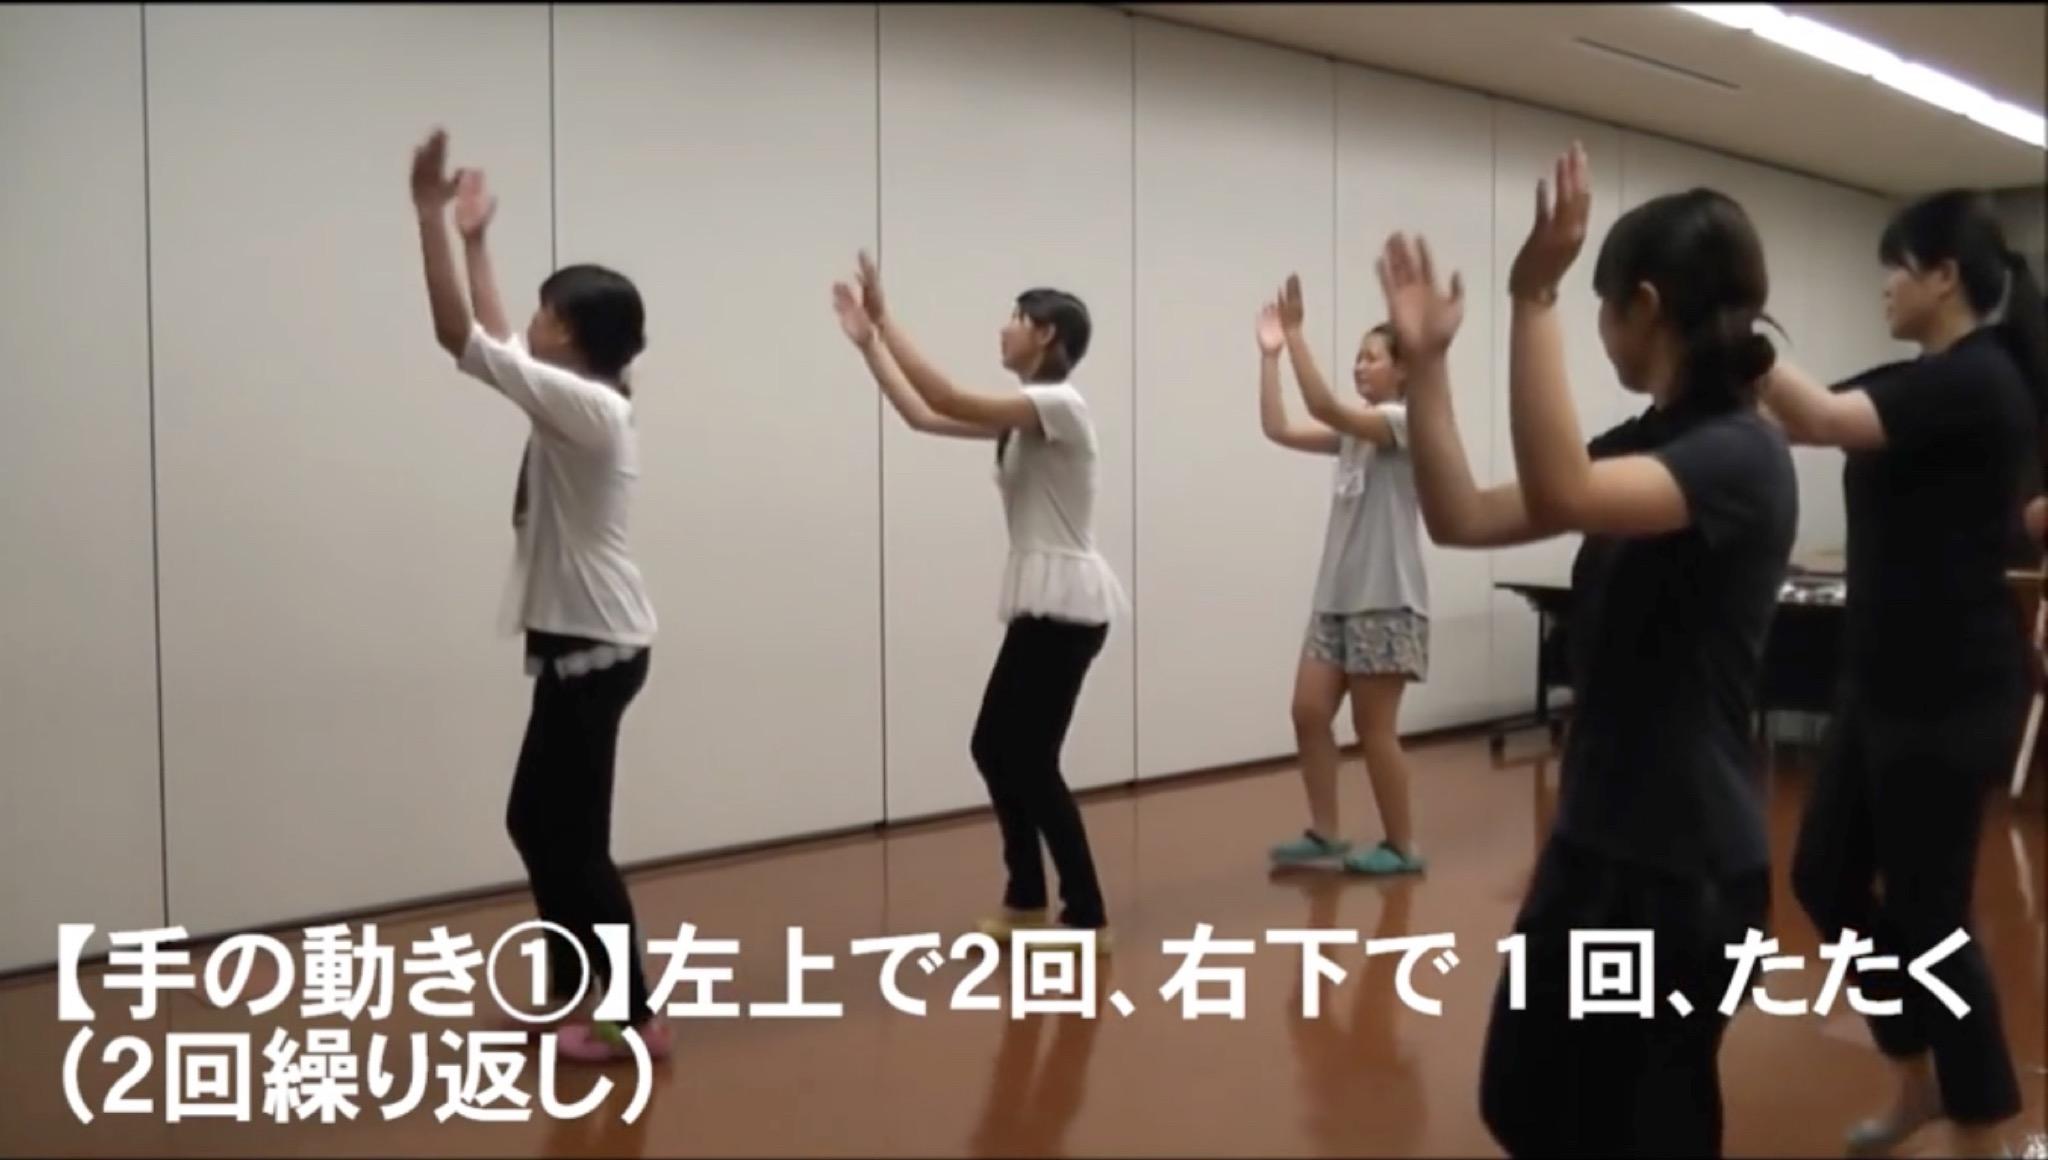 Yagi Bushi・八木節を習いましょう